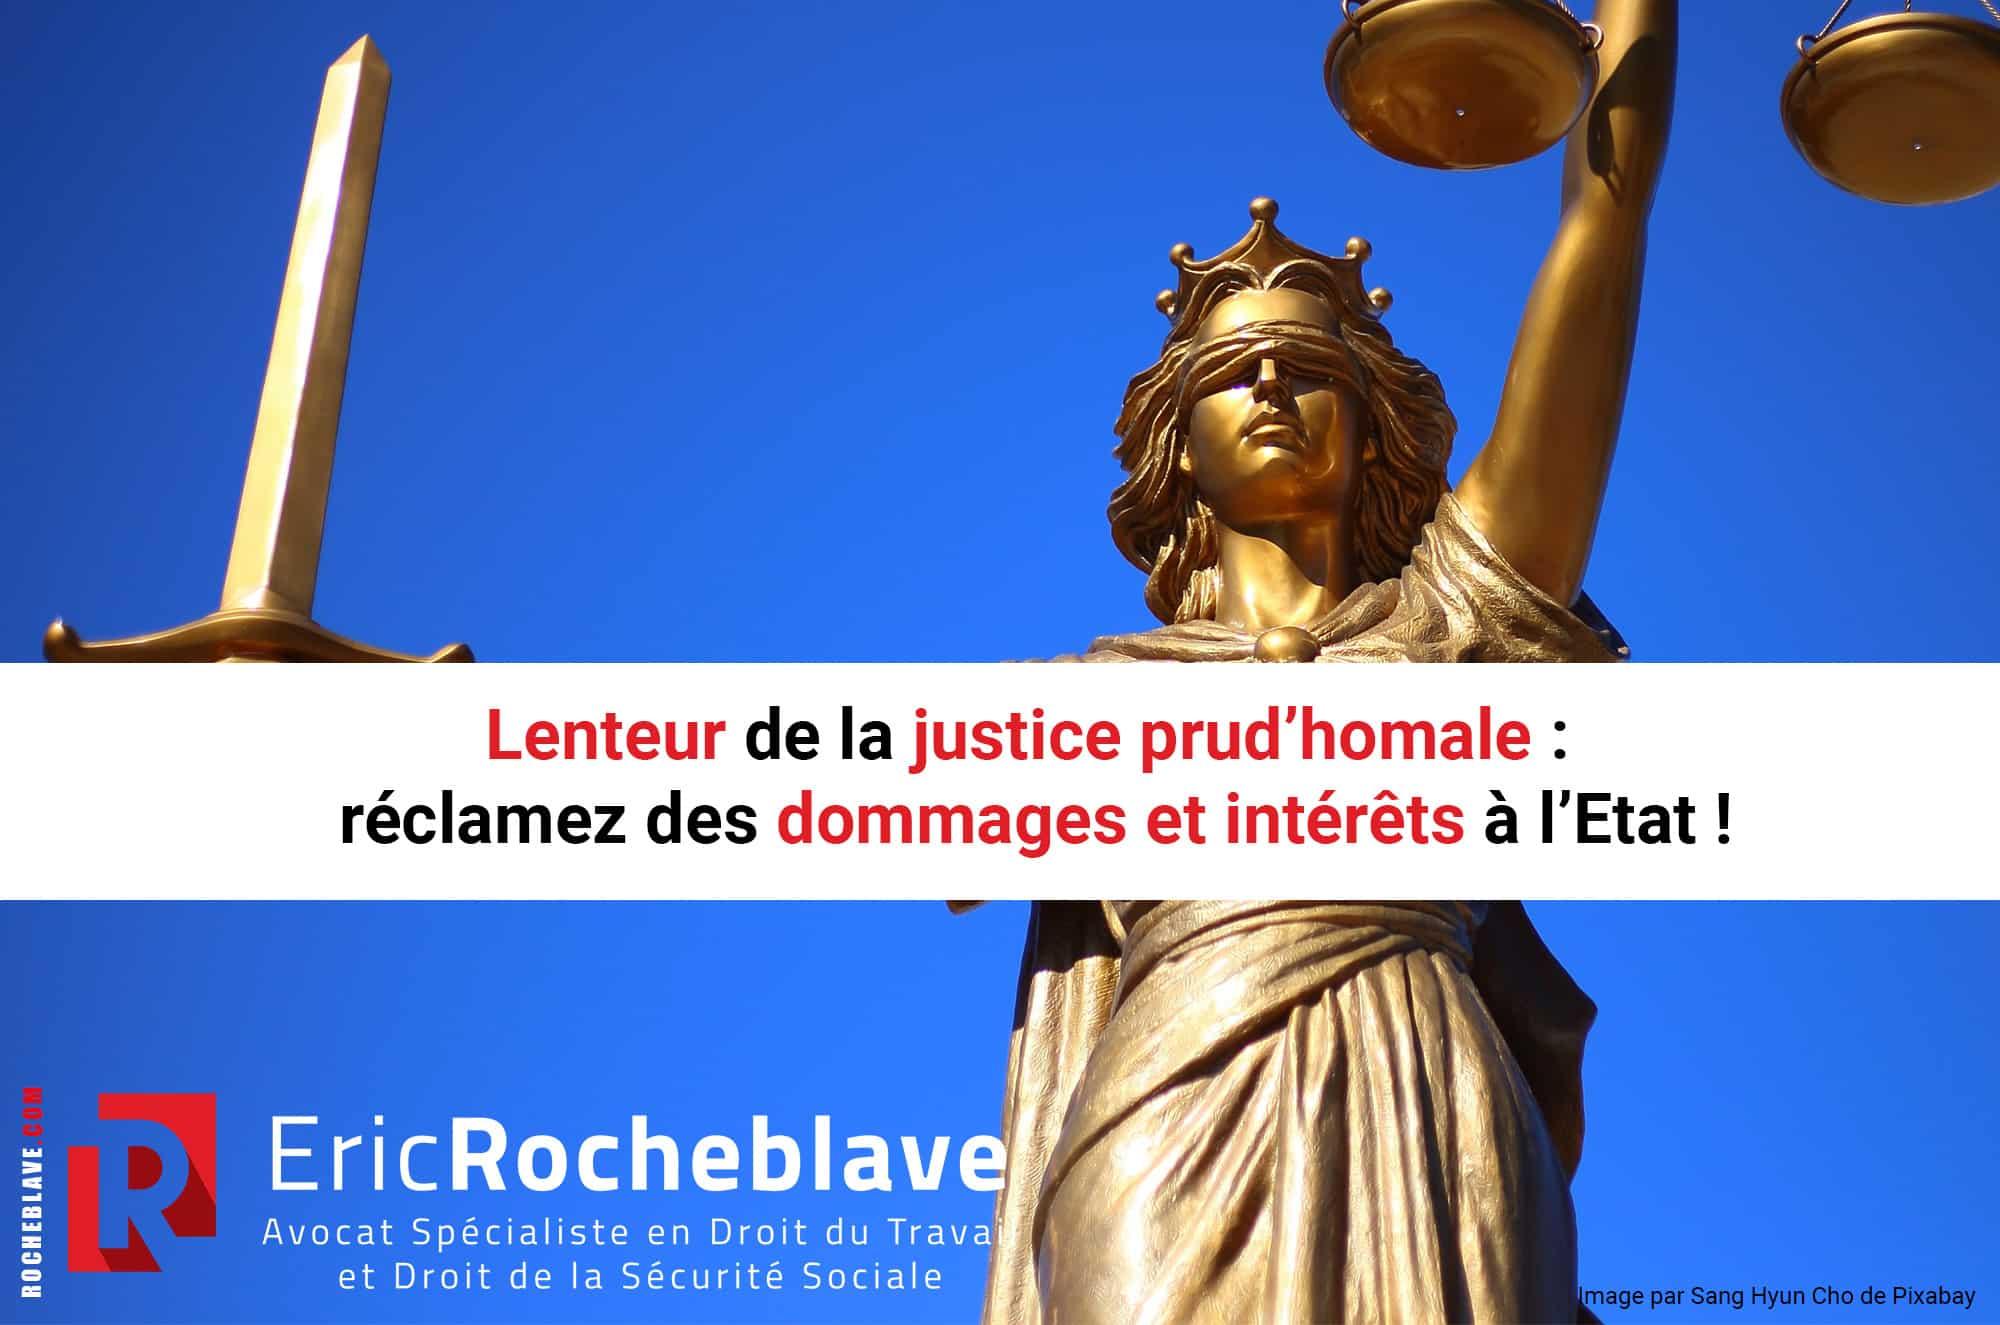 Lenteur de la justice prud'homale : réclamez des dommages et intérêts à l'Etat !